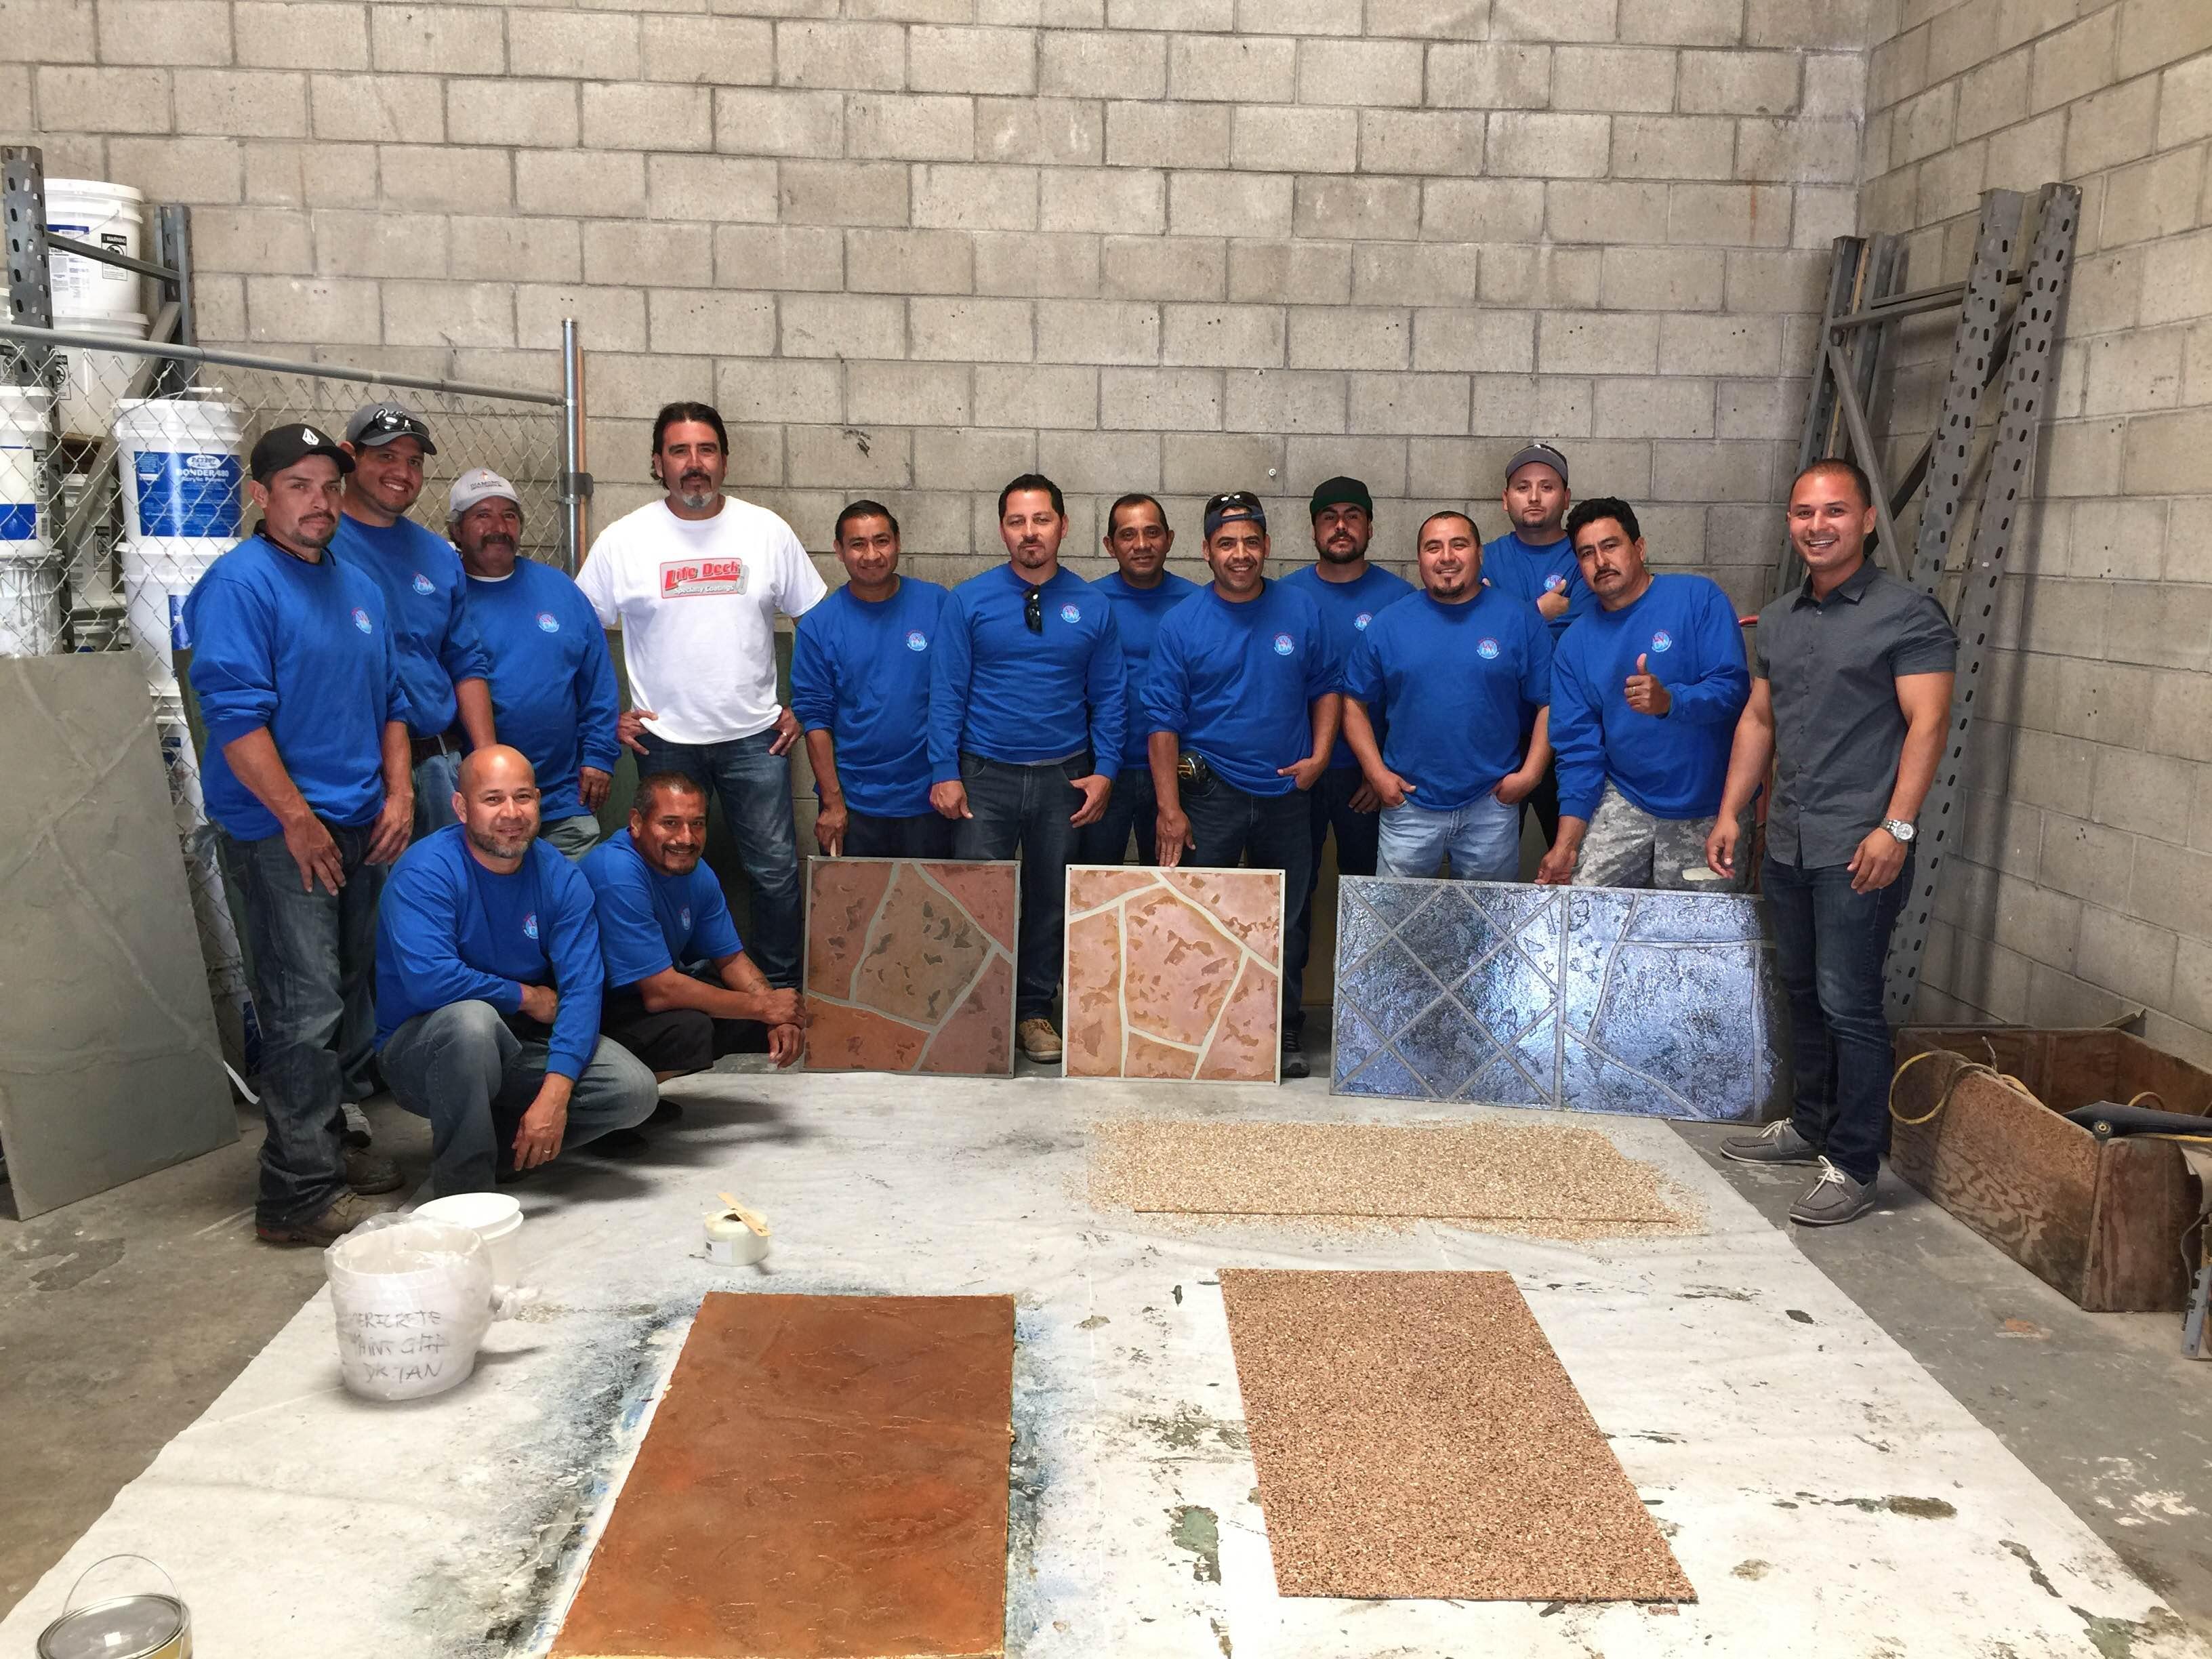 west coast deck waterproofing team